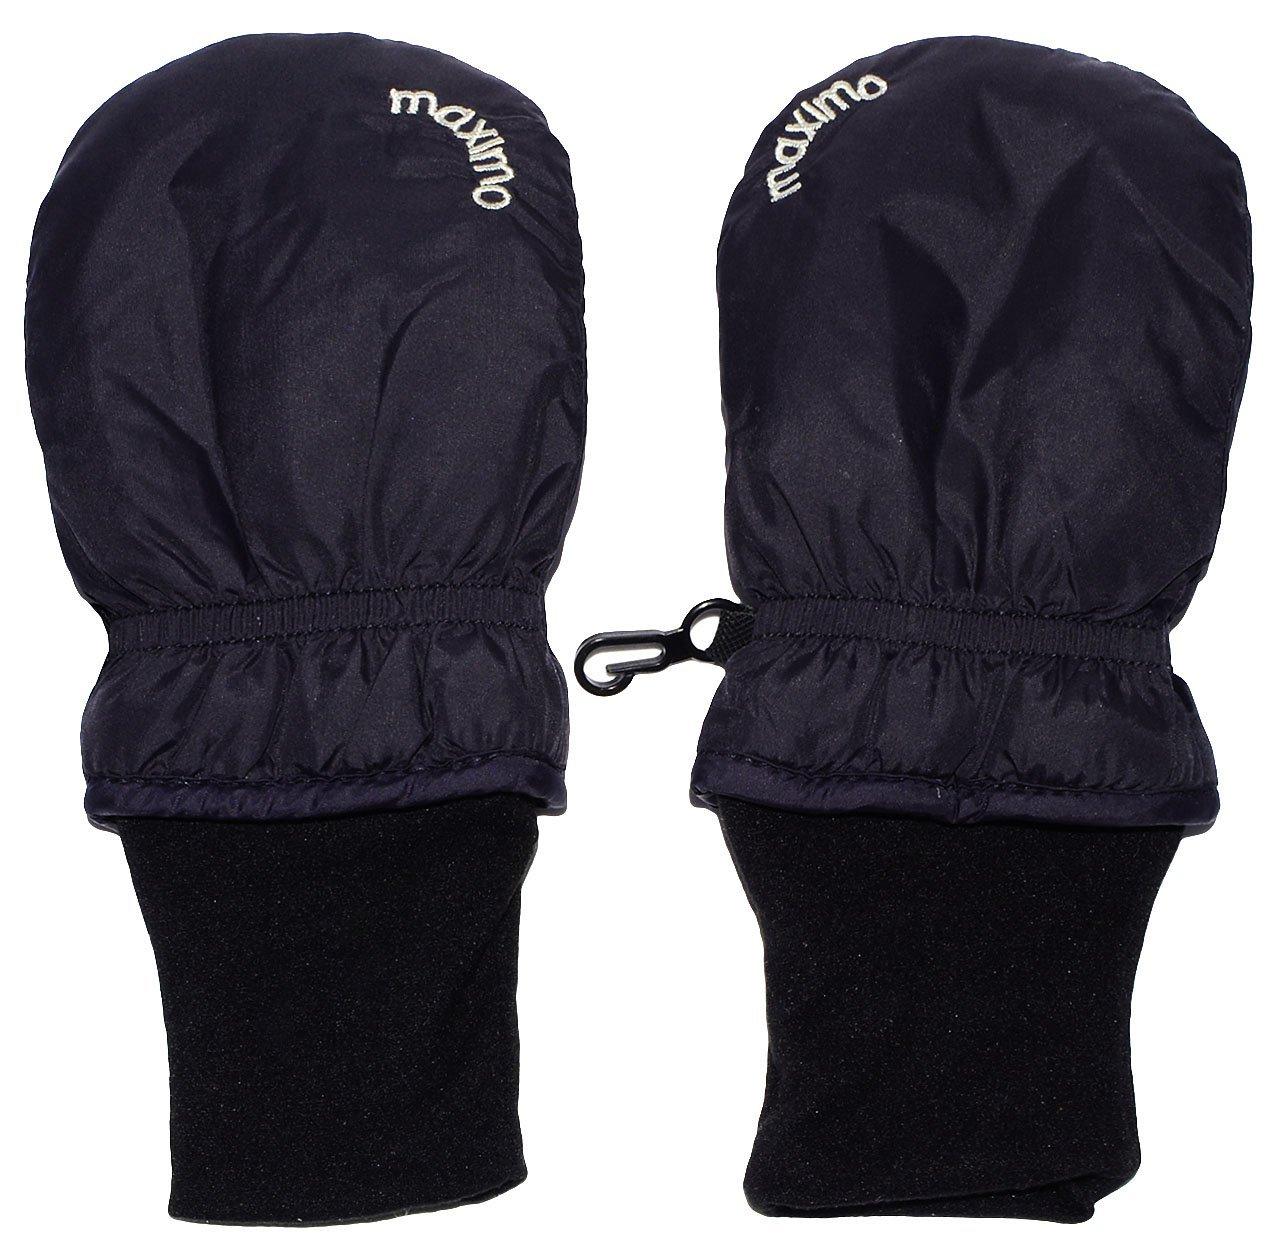 alles-meine.de GmbH Handschuhe / Fausthandschuhe -  BLAU  - Baby - Grö ß e: 0 bis 6 Monate - mit langem Baumwolle Schaft - wasserdicht + atmungsaktiv - leicht anzuziehen - Fä ust..